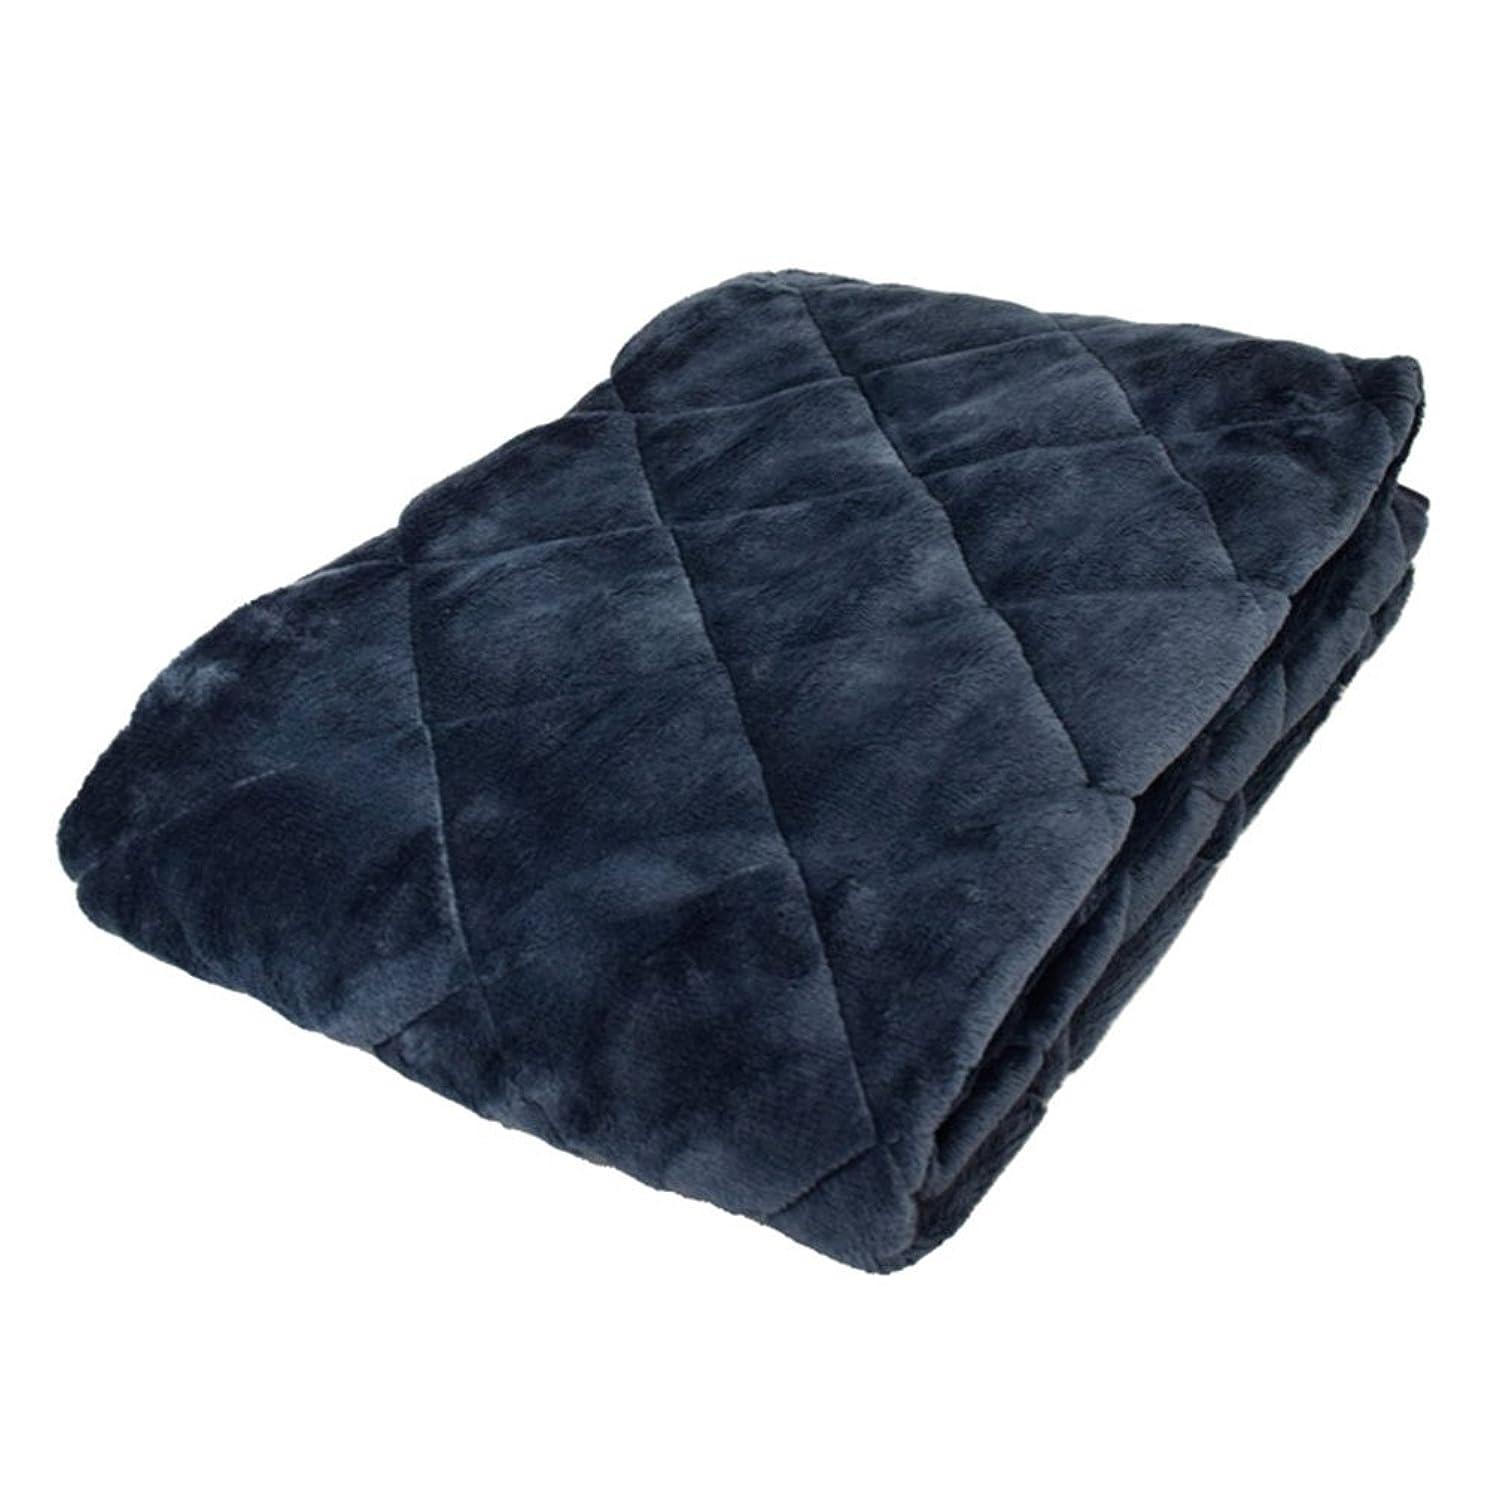 リスキーな蒸気宣言する毛布 敷きパッド シングル 冬 あったか 無地 ネイビー フランネル 100×205cm 四隅ゴム付き あったか敷きパッド 敷き毛布